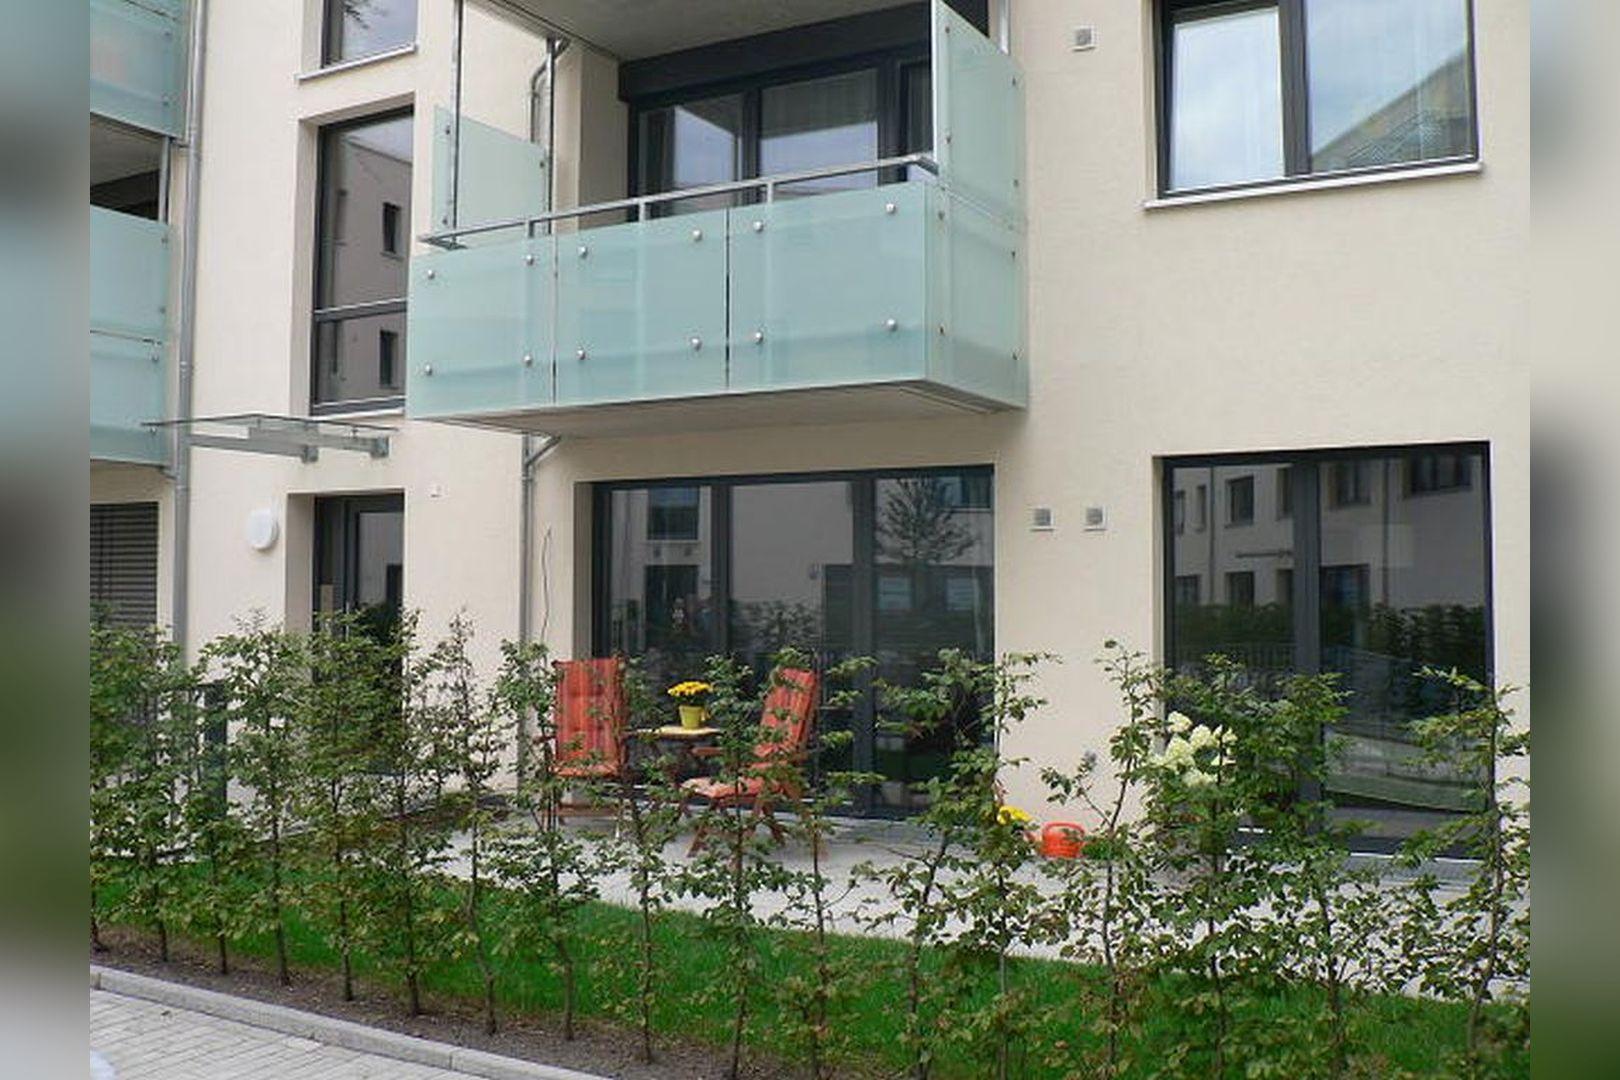 Immobilie Nr.Hilden 04 | Hochdahler Straße 5, 40724 Hilden - WE 04